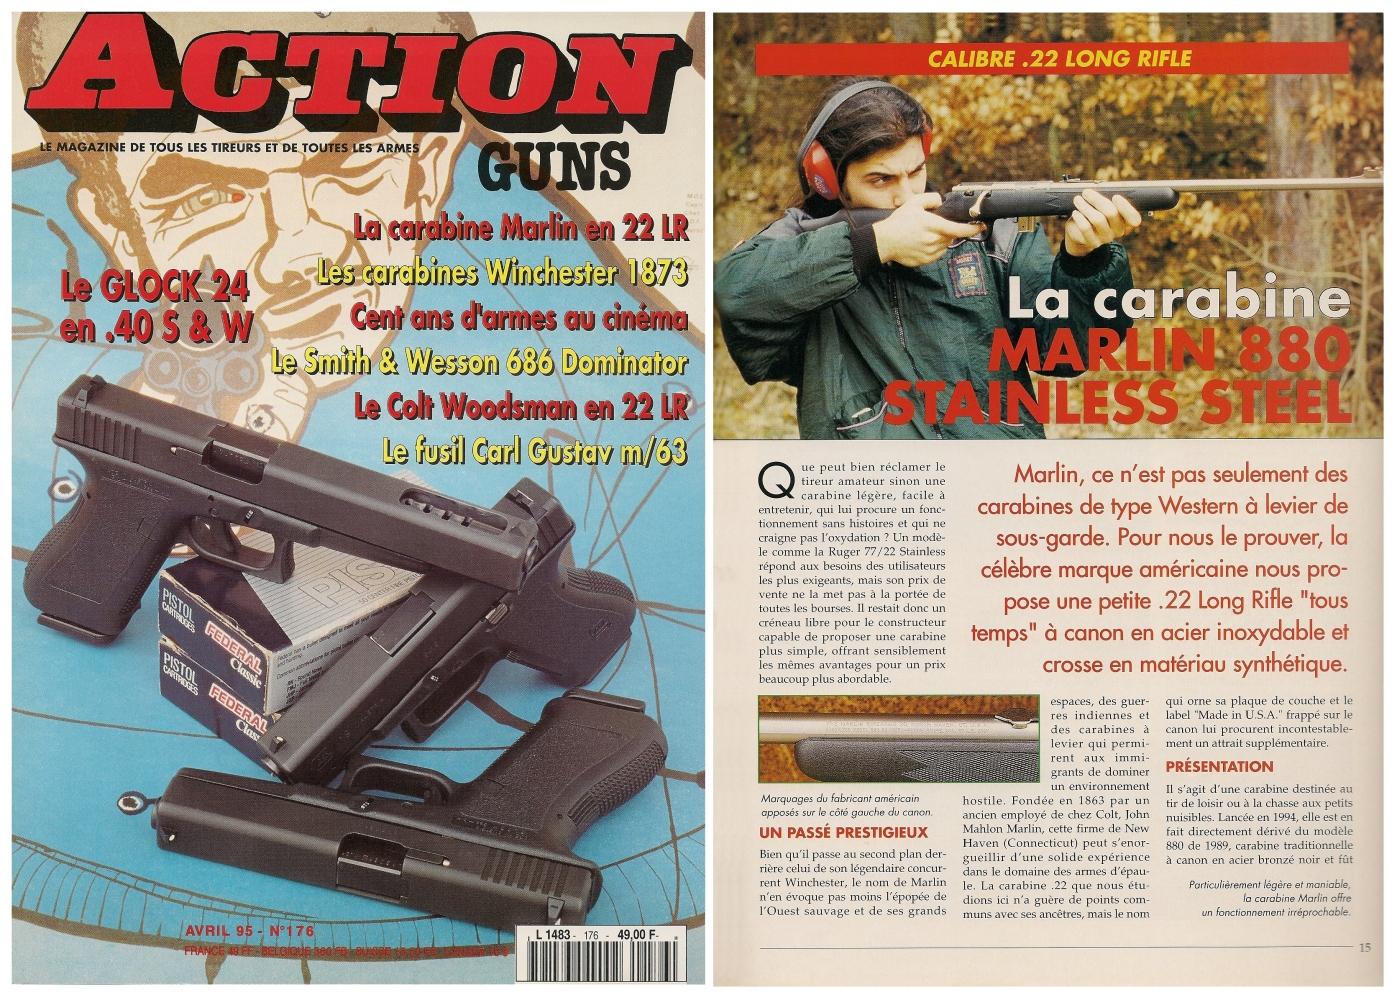 Le banc d'essai de la carabine Marlin 880 SS a été publié sur 5 pages dans le magazine Action Guns n° 176 (avril 1995).